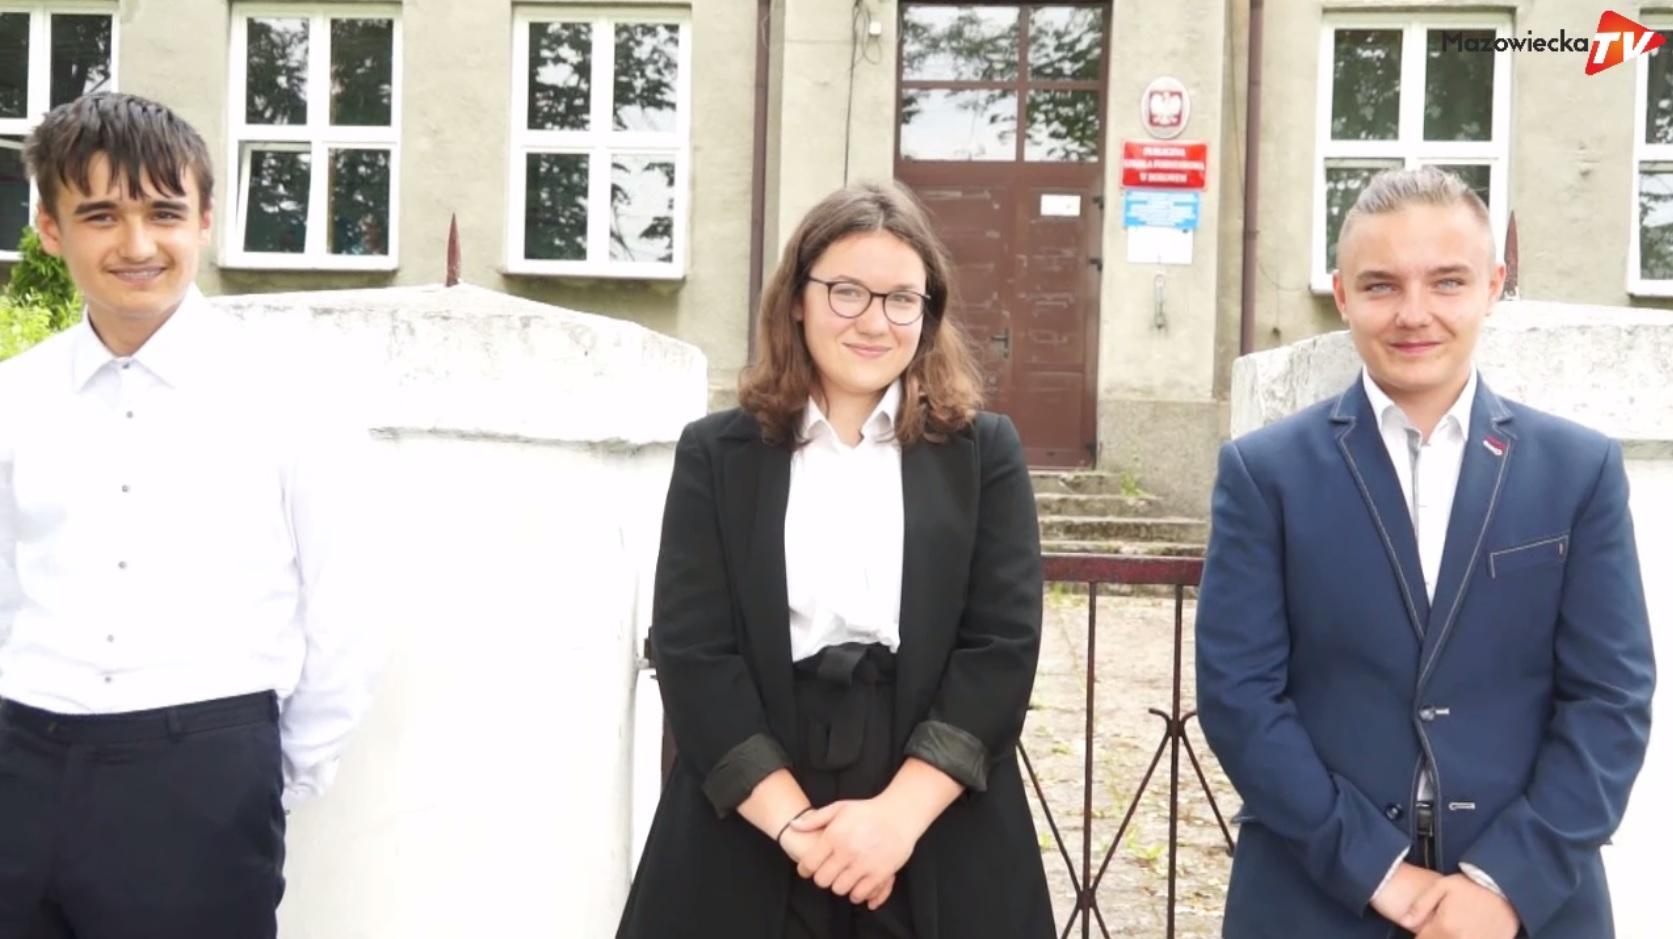 Ósmoklasiści PSP w Borowem liczą na dobre wyniki z egzaminów